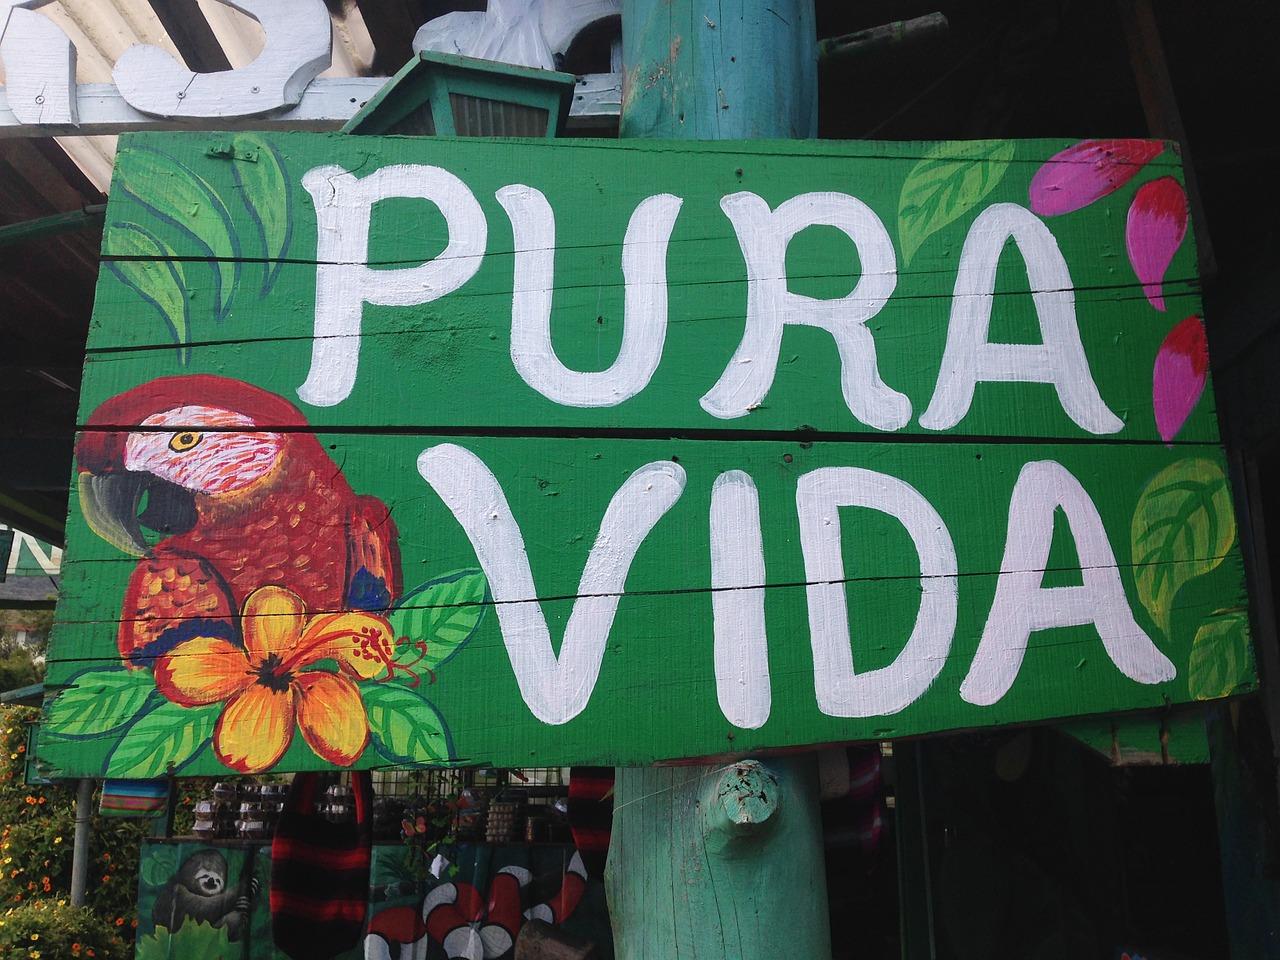 Costa rica, eco tourism